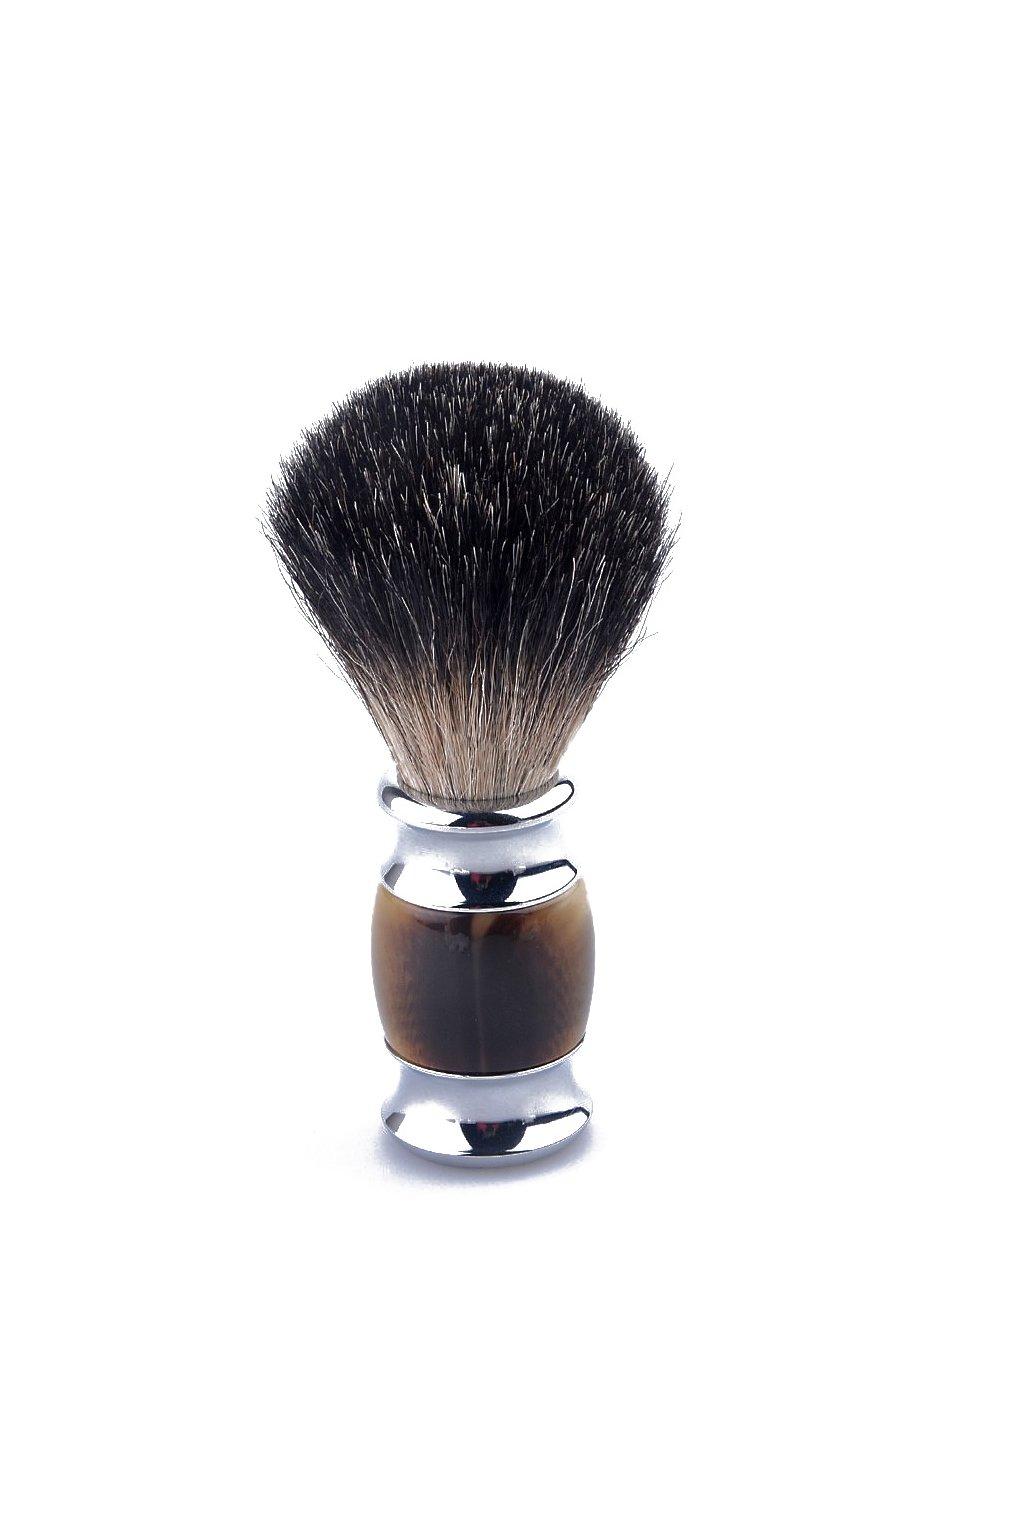 Holící štětka jezevčice - Black Pure Badger